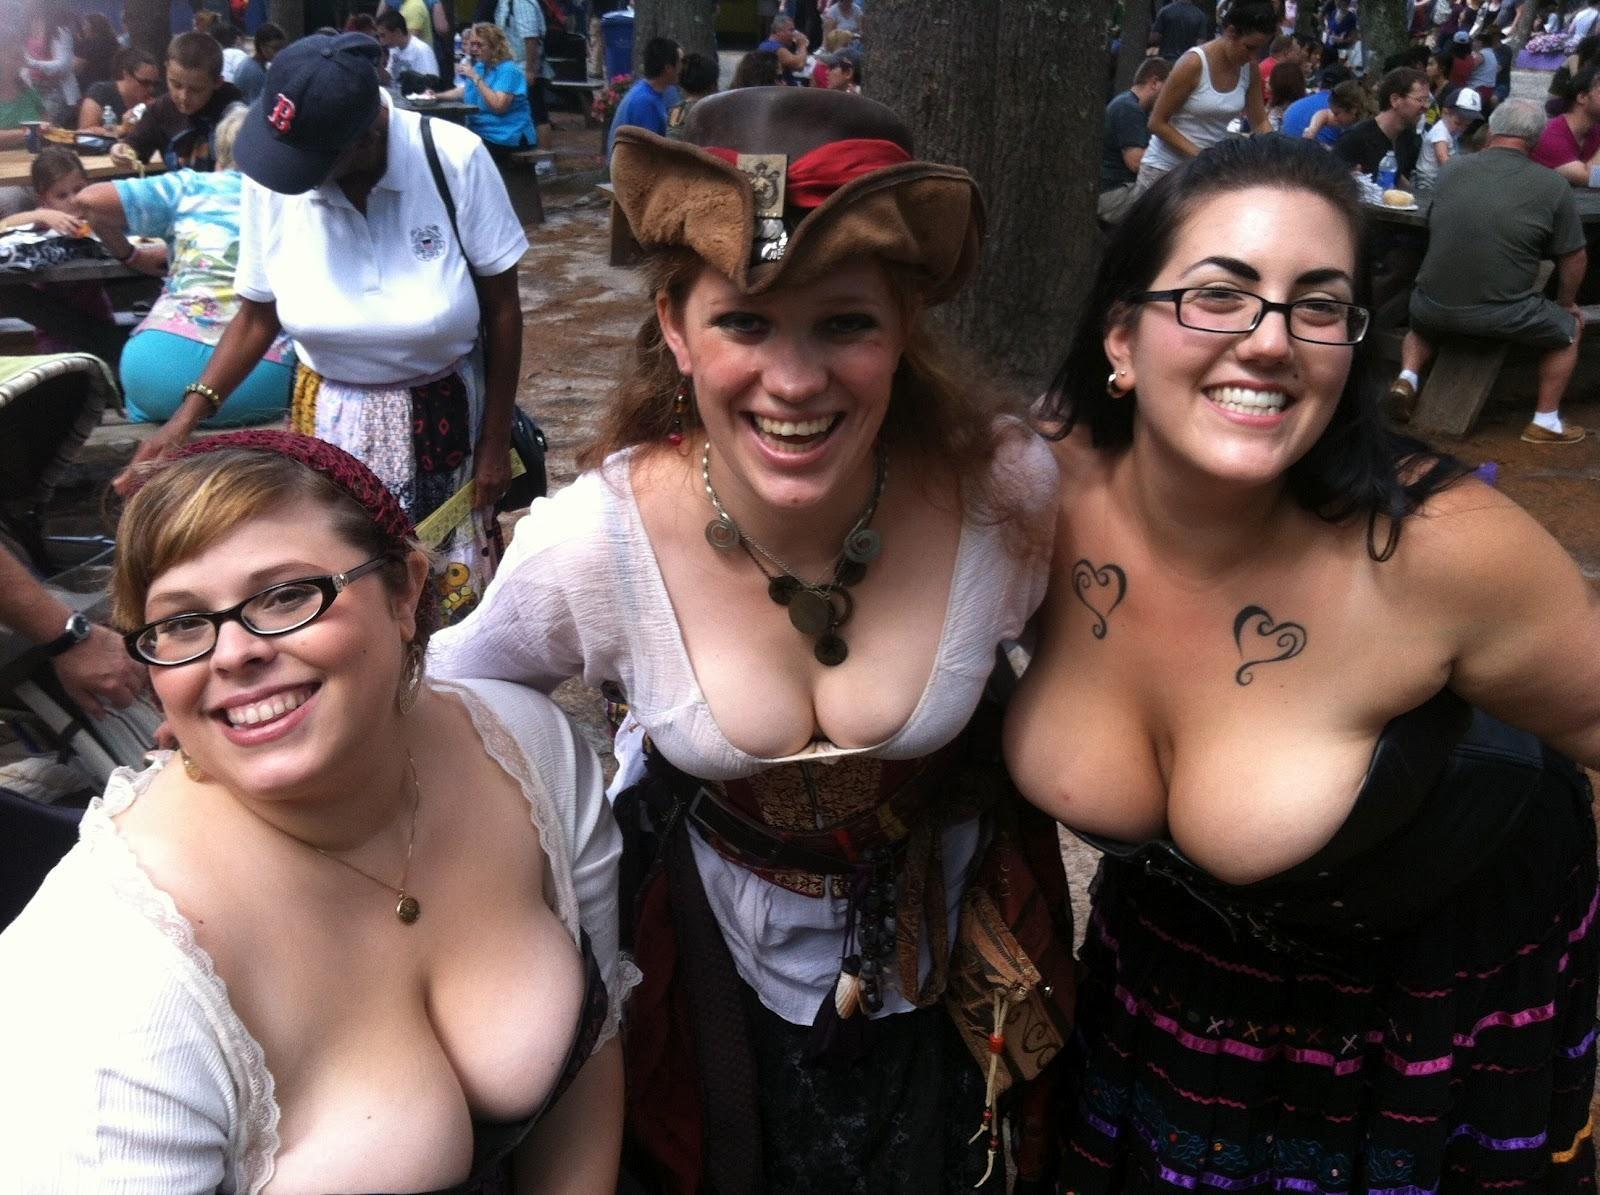 Sydney harwin moms overflowing breasts mommas boy